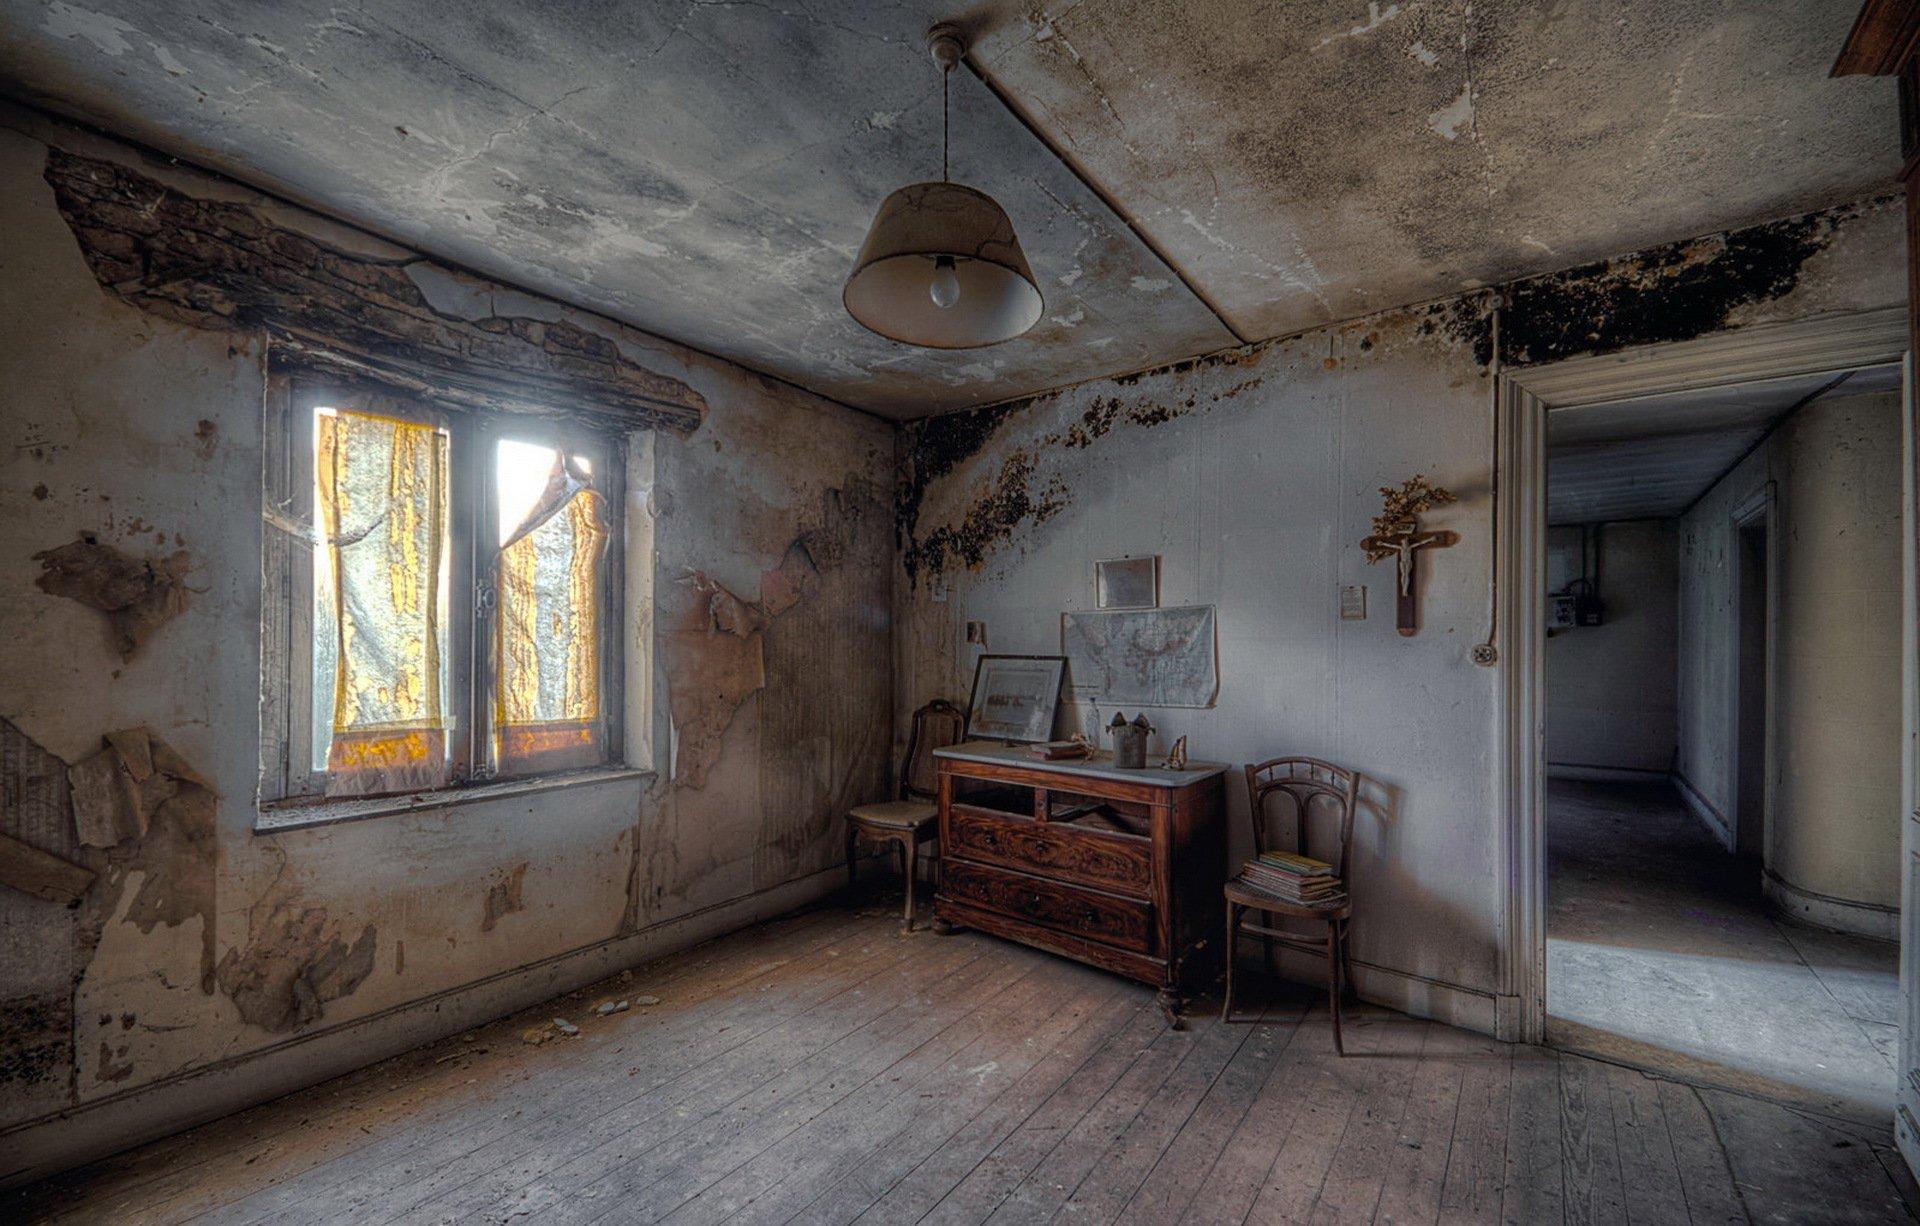 Картинки с разрушенными комнатами